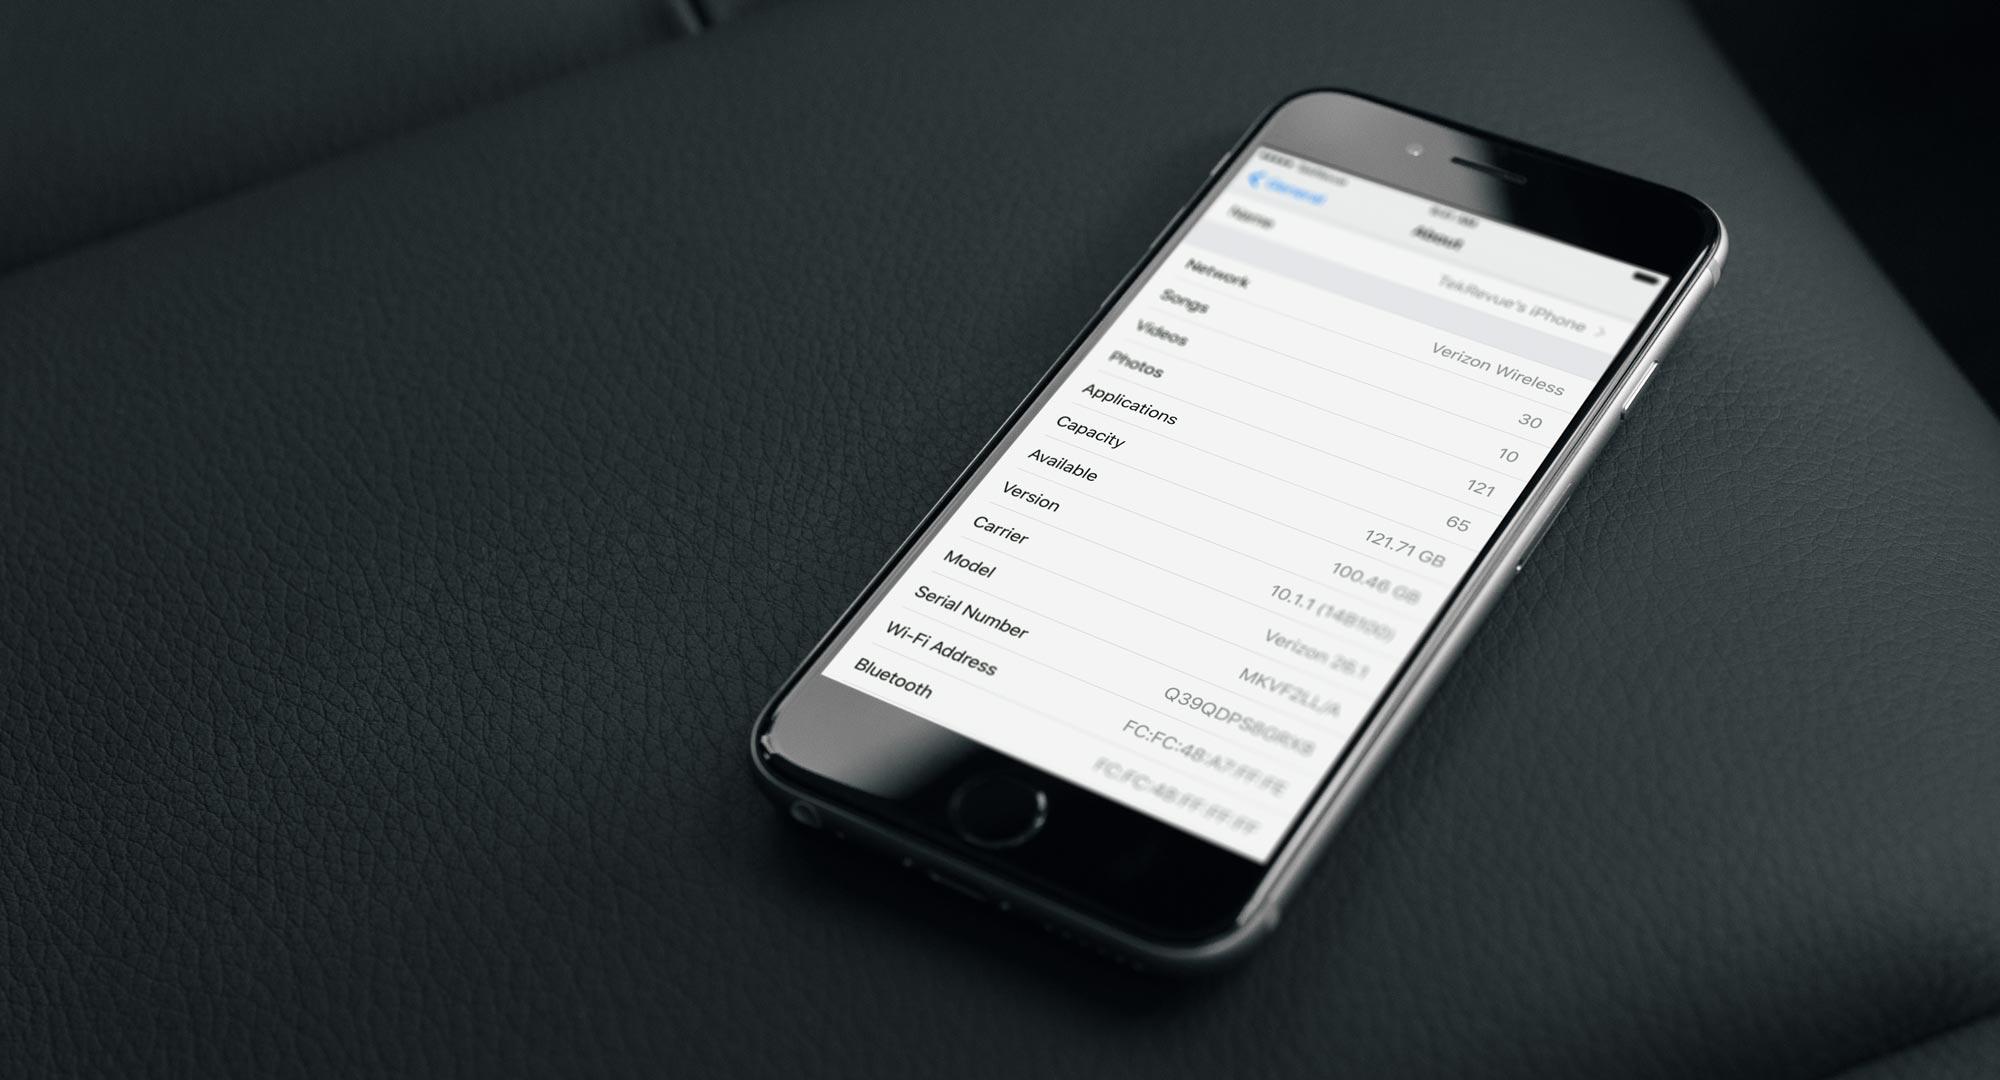 iphone settings serial number